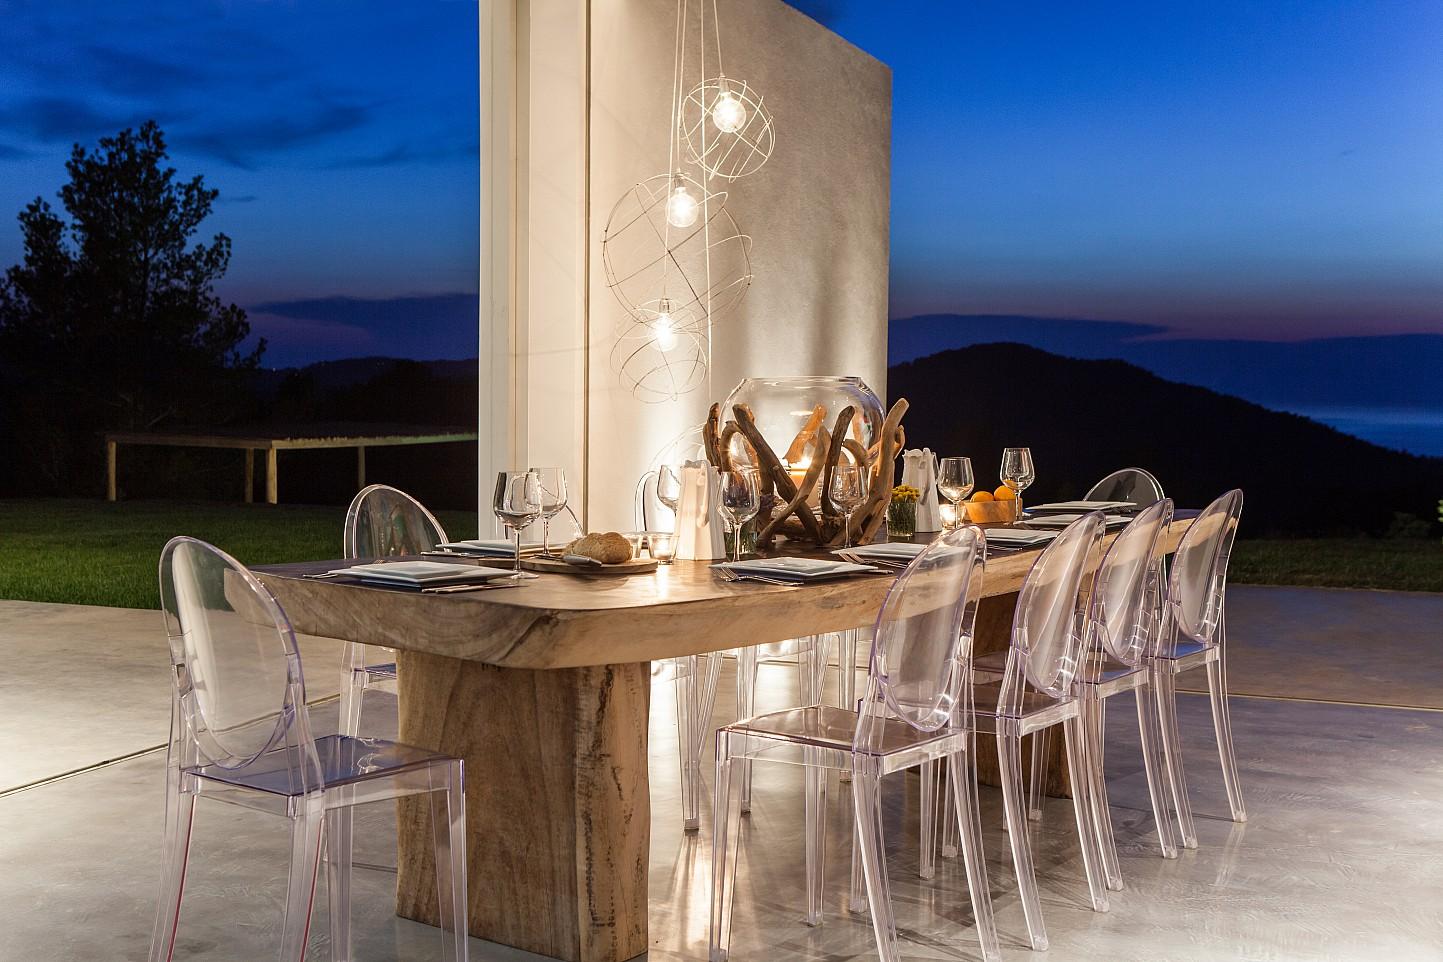 Menjador exterior amb molt bona i.luminació de nit